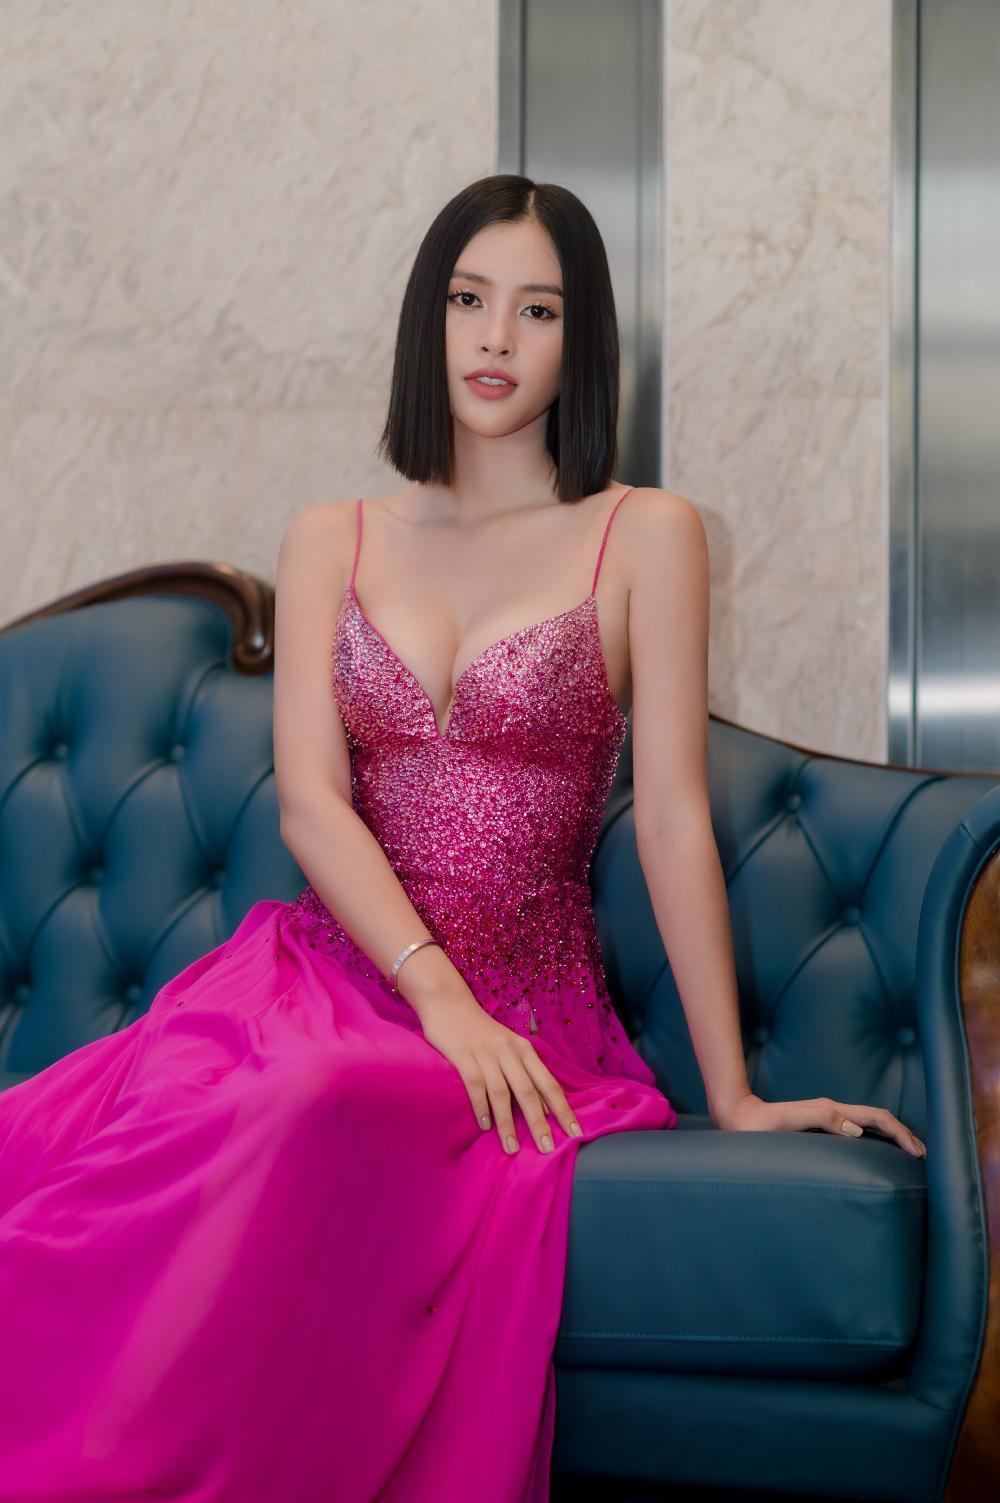 Hoa hậu Tiểu Vy khoe vòng 1 căng tràn trong bộ váy hồng cánh sen xẻ sâu Ảnh 3